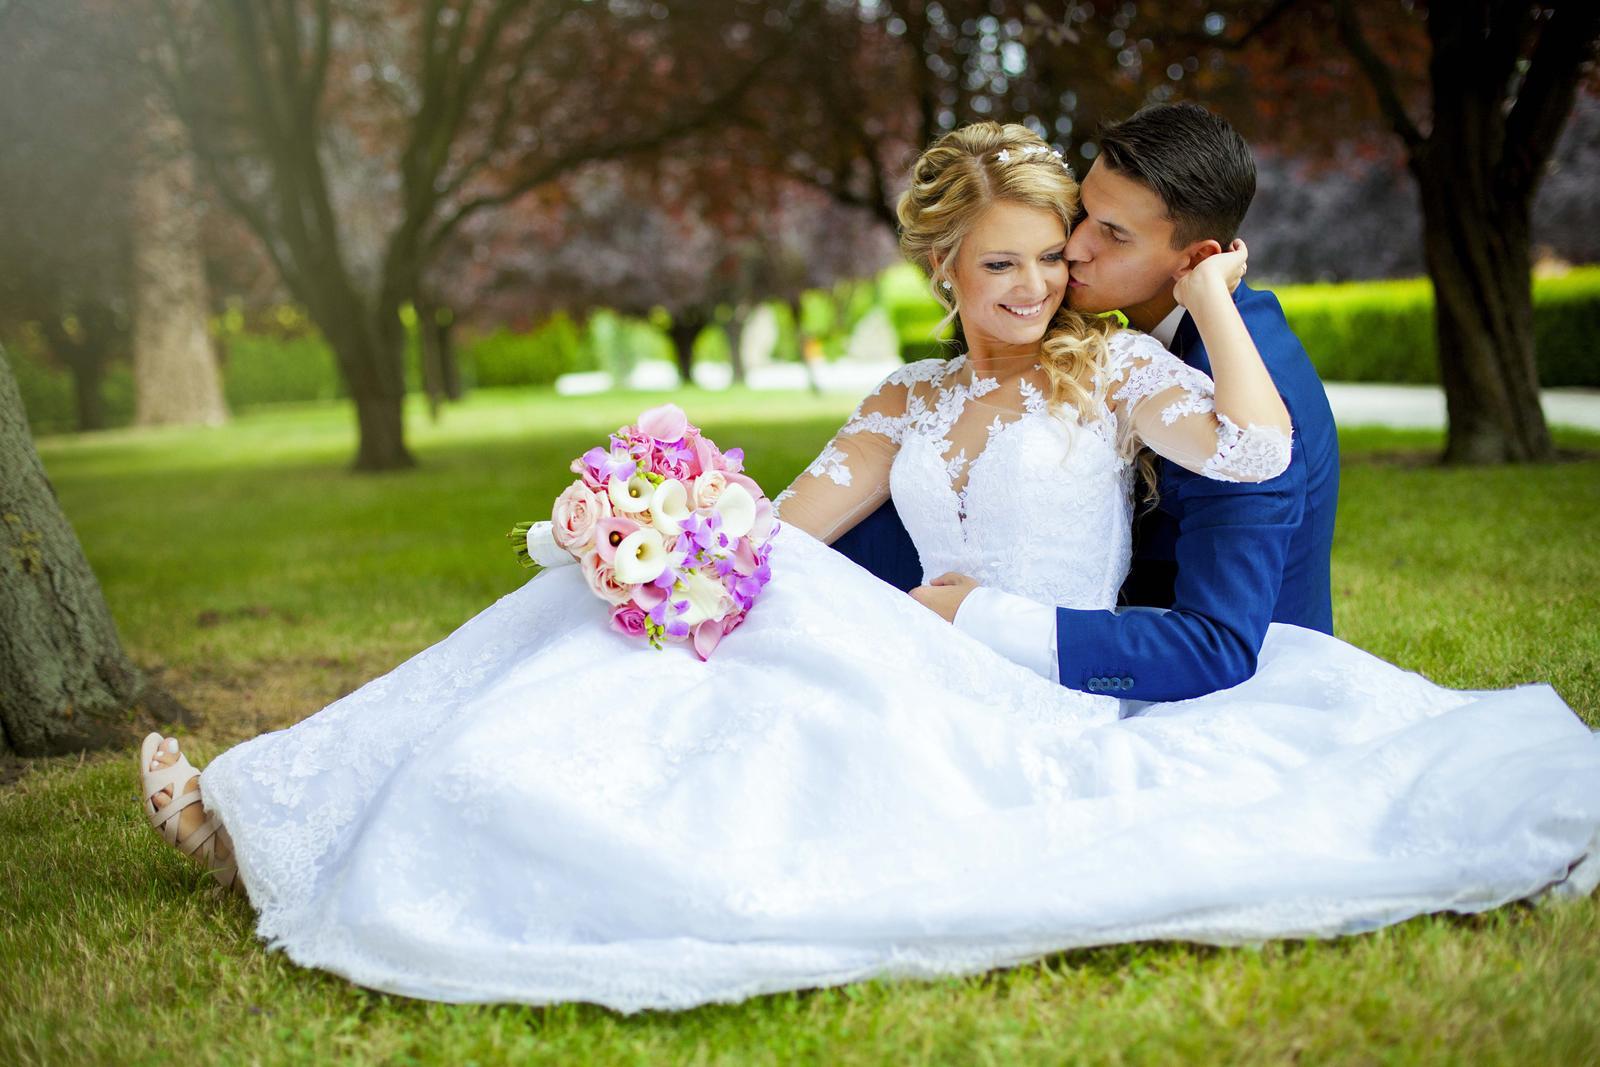 Weddings 👰2019 - Obrázek č. 28